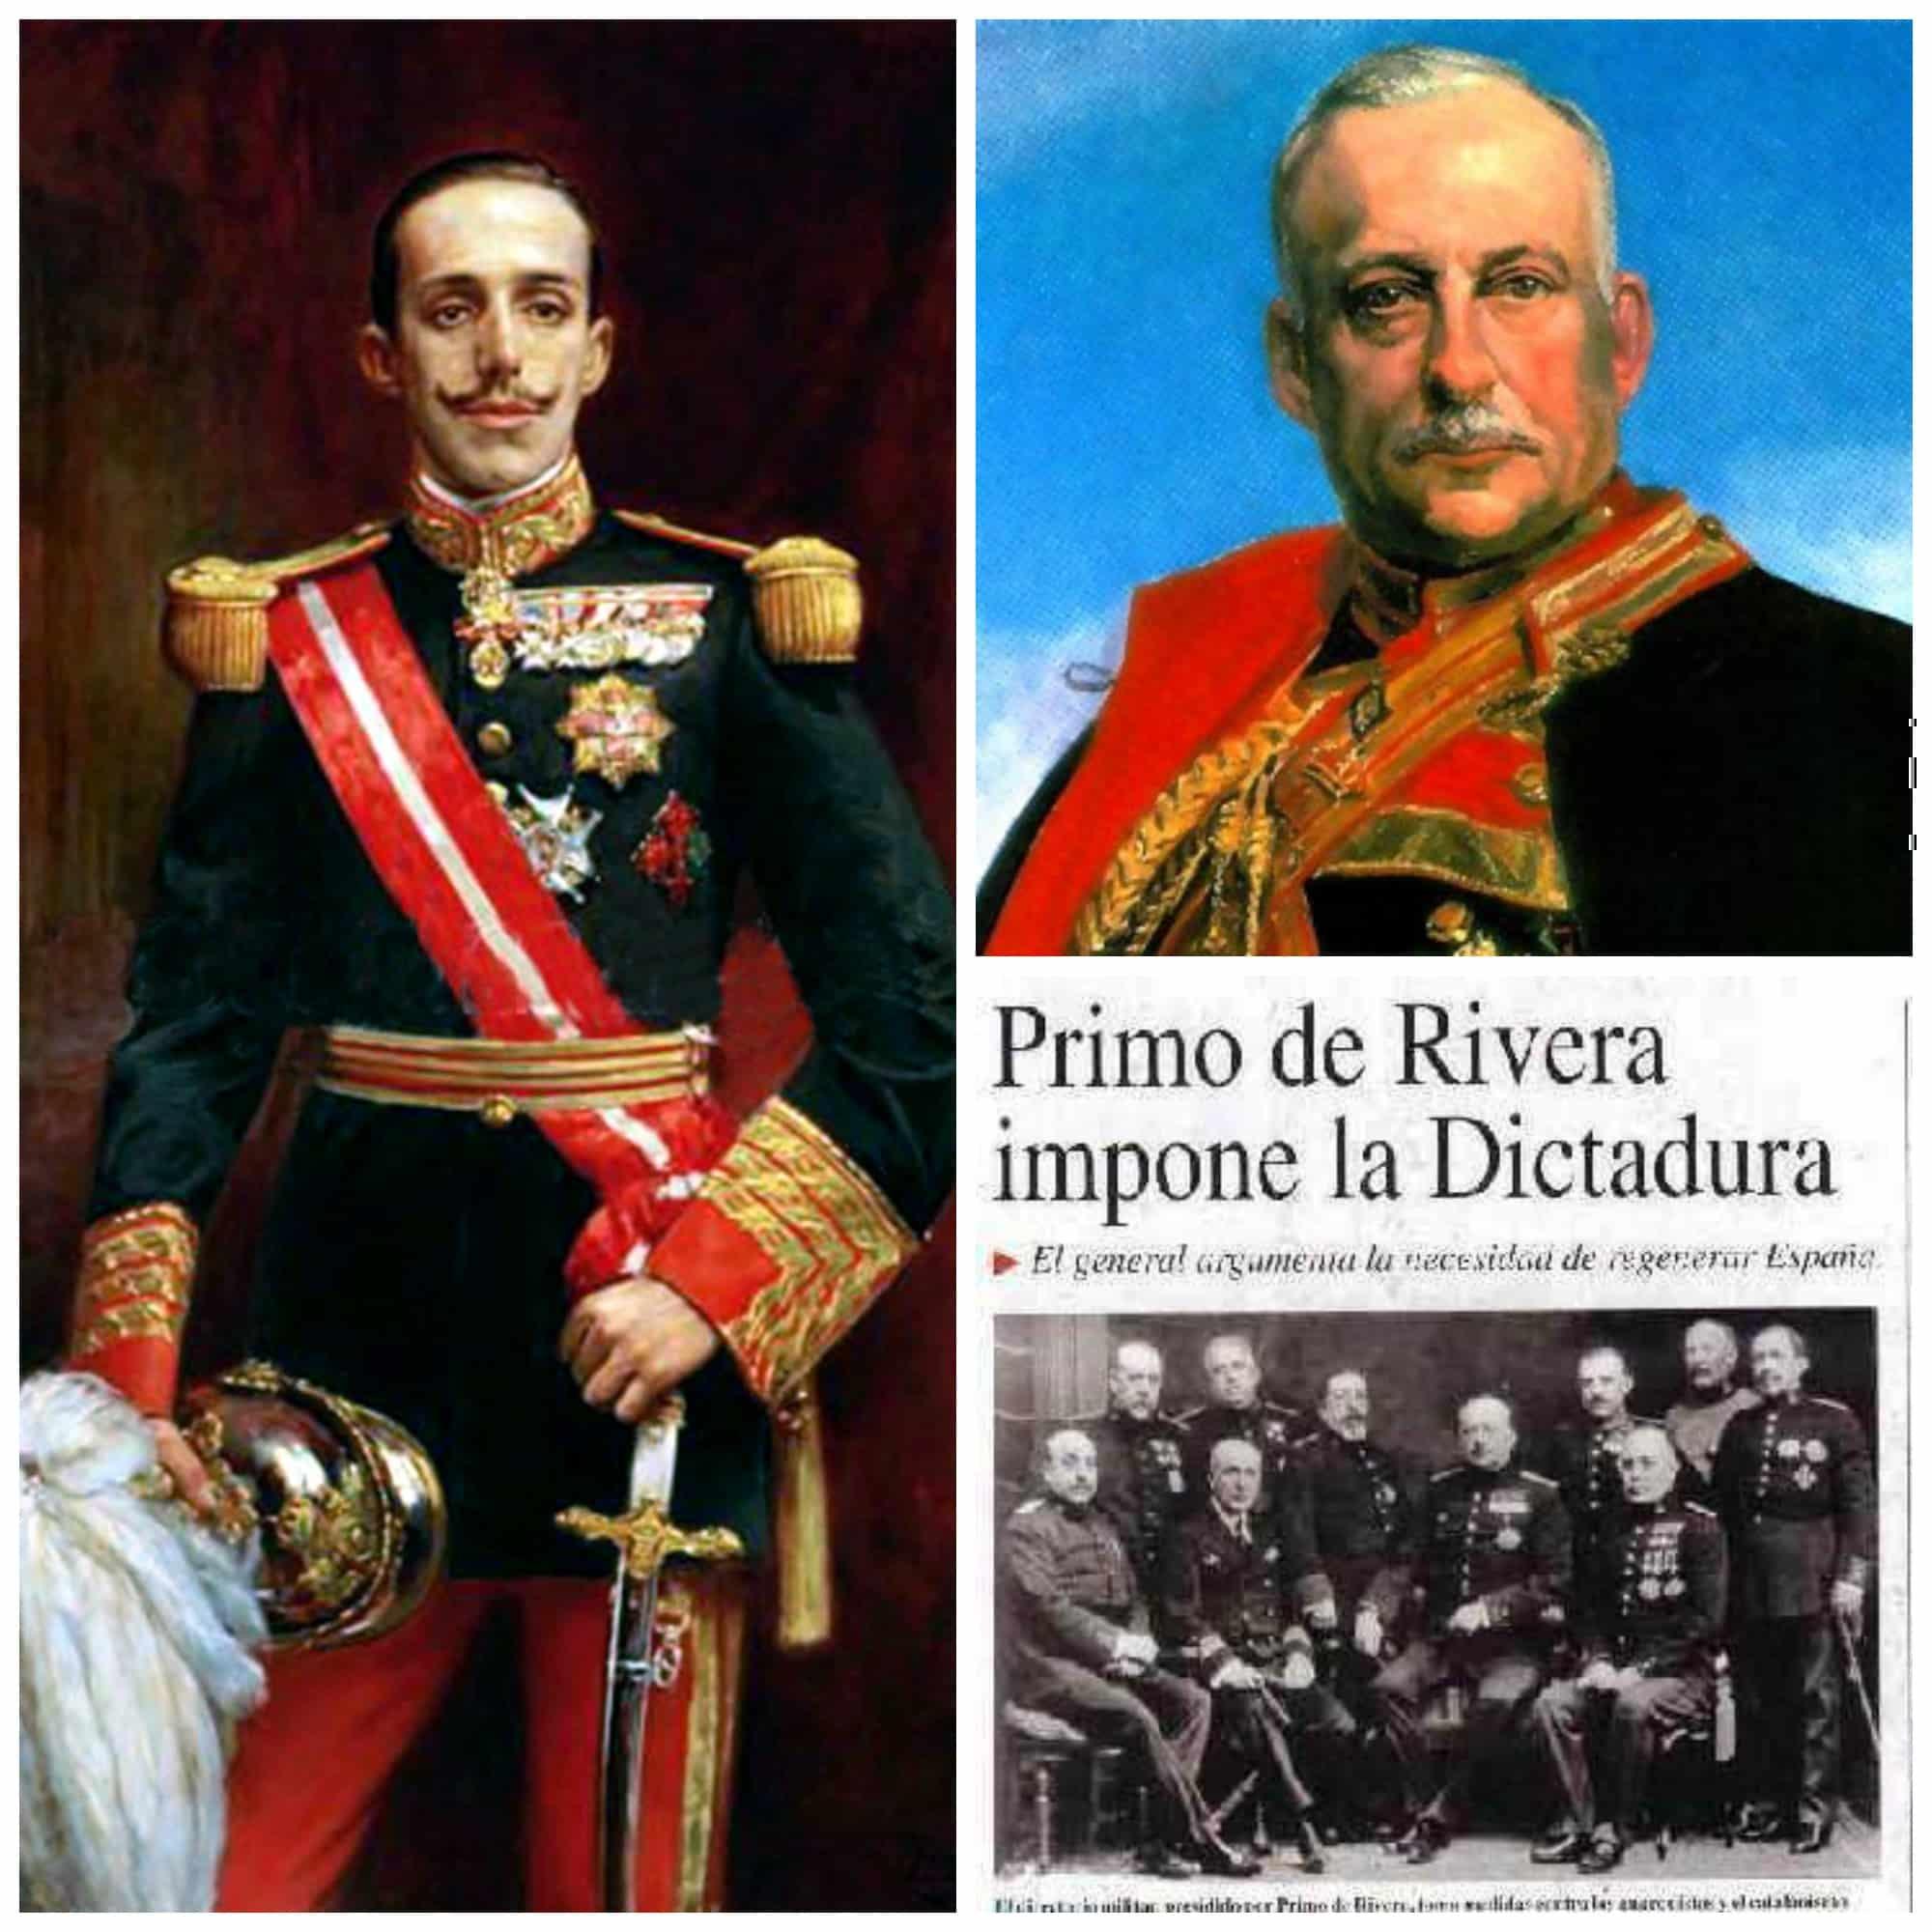 El final de la dictadura de Primo de Rivera y la caída de Alfonso XIII